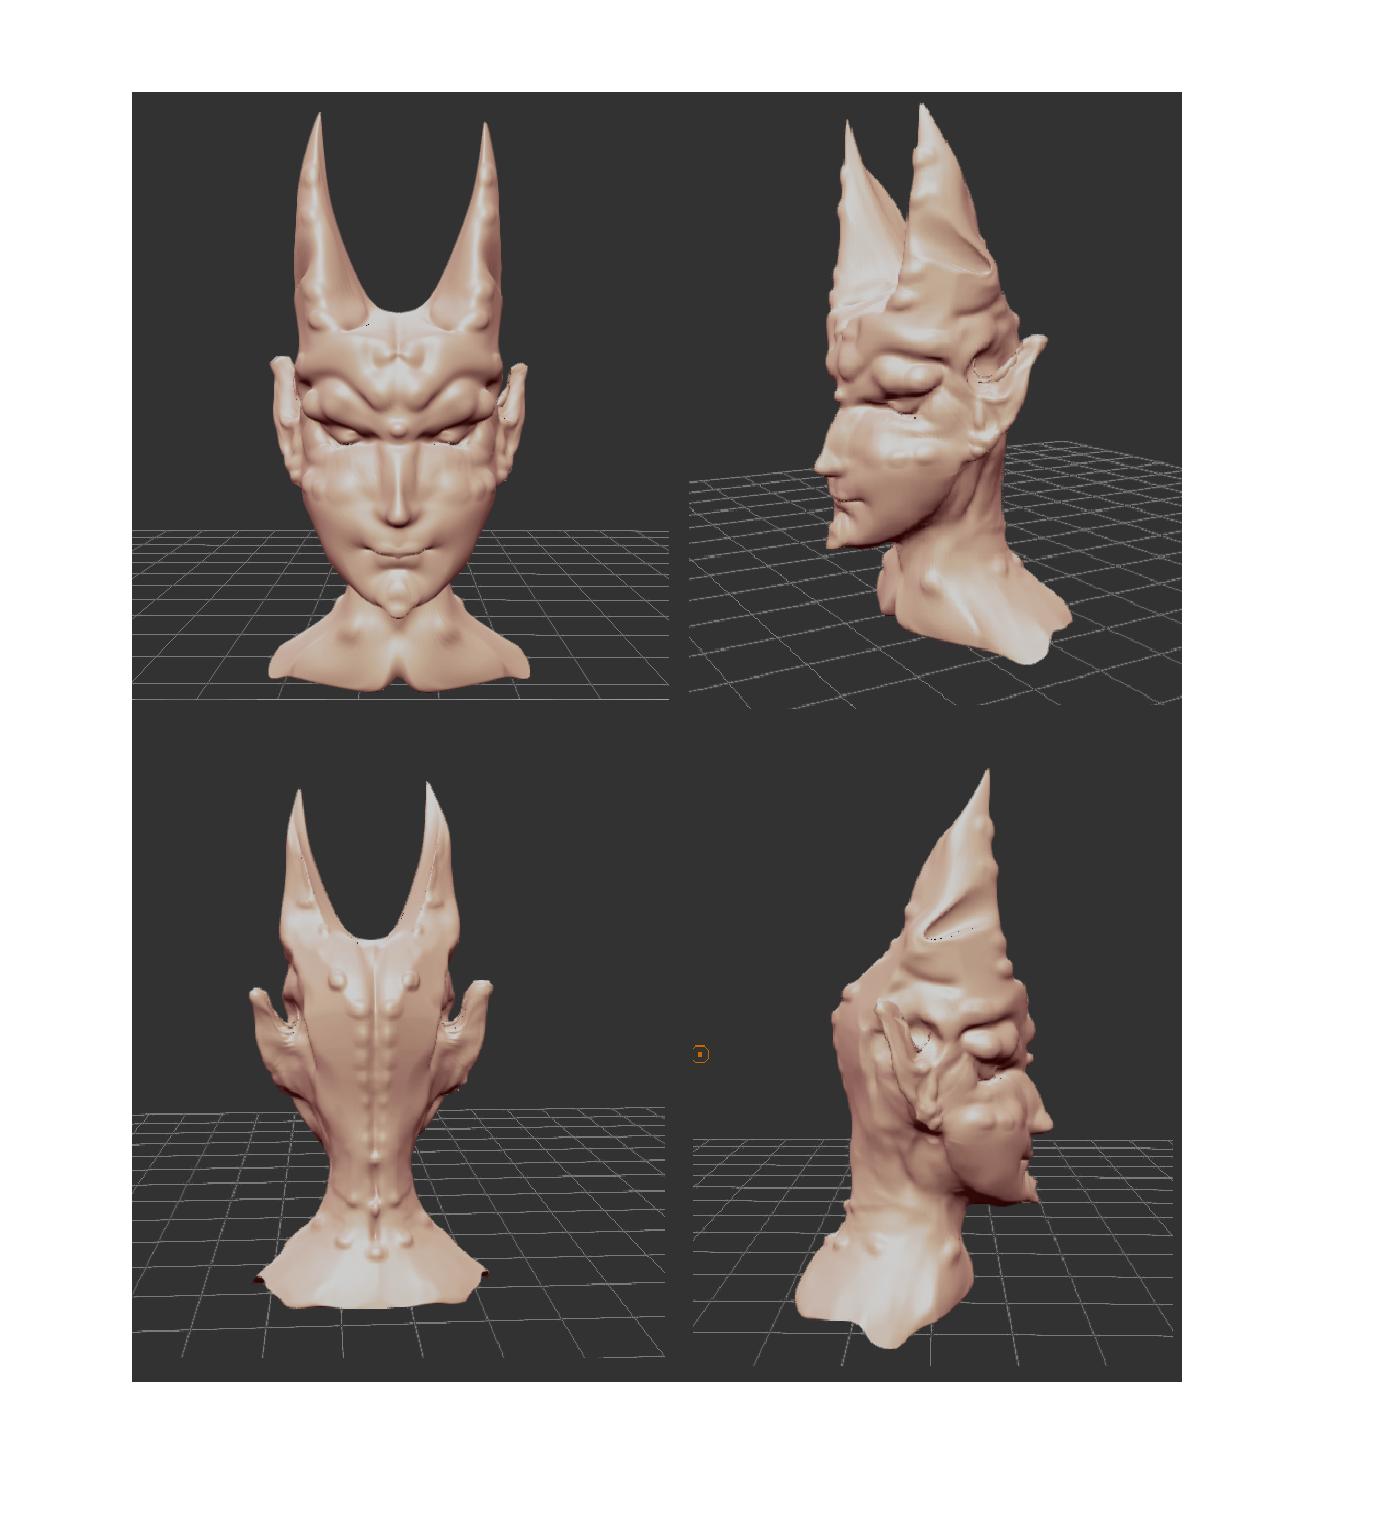 projet.png Download free STL file Demon ,devil • 3D printing design, myriette